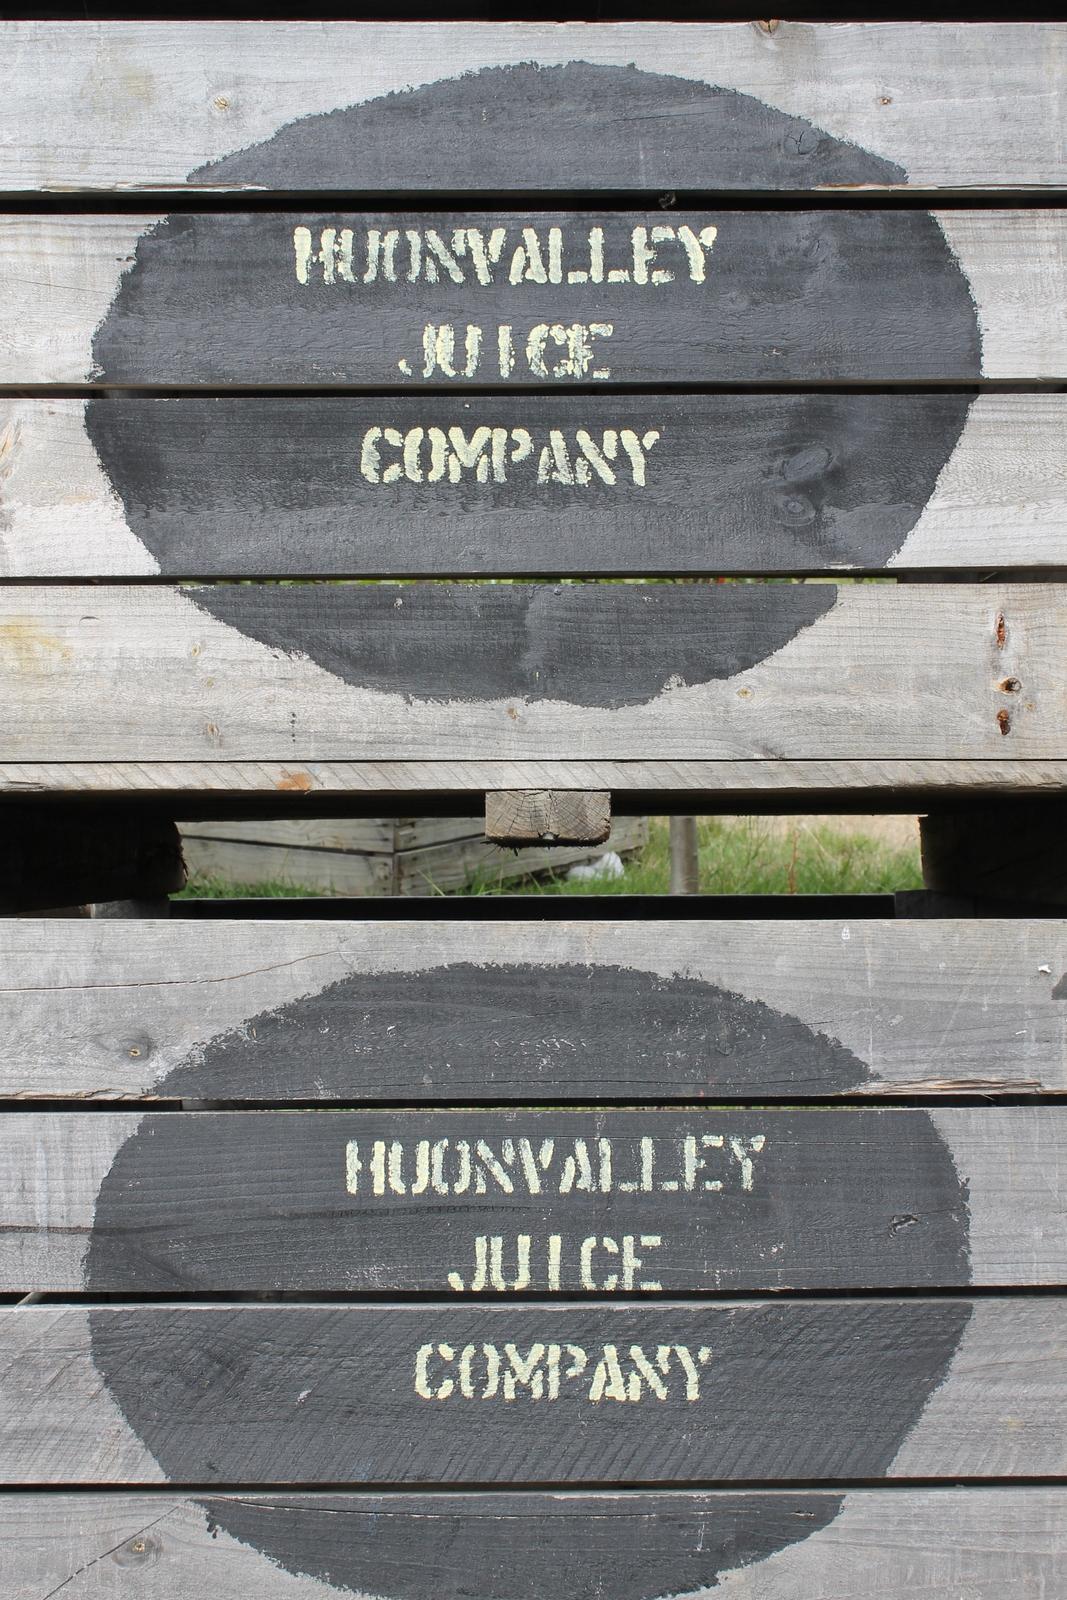 Apple crates in Tasmania's Huon Valley